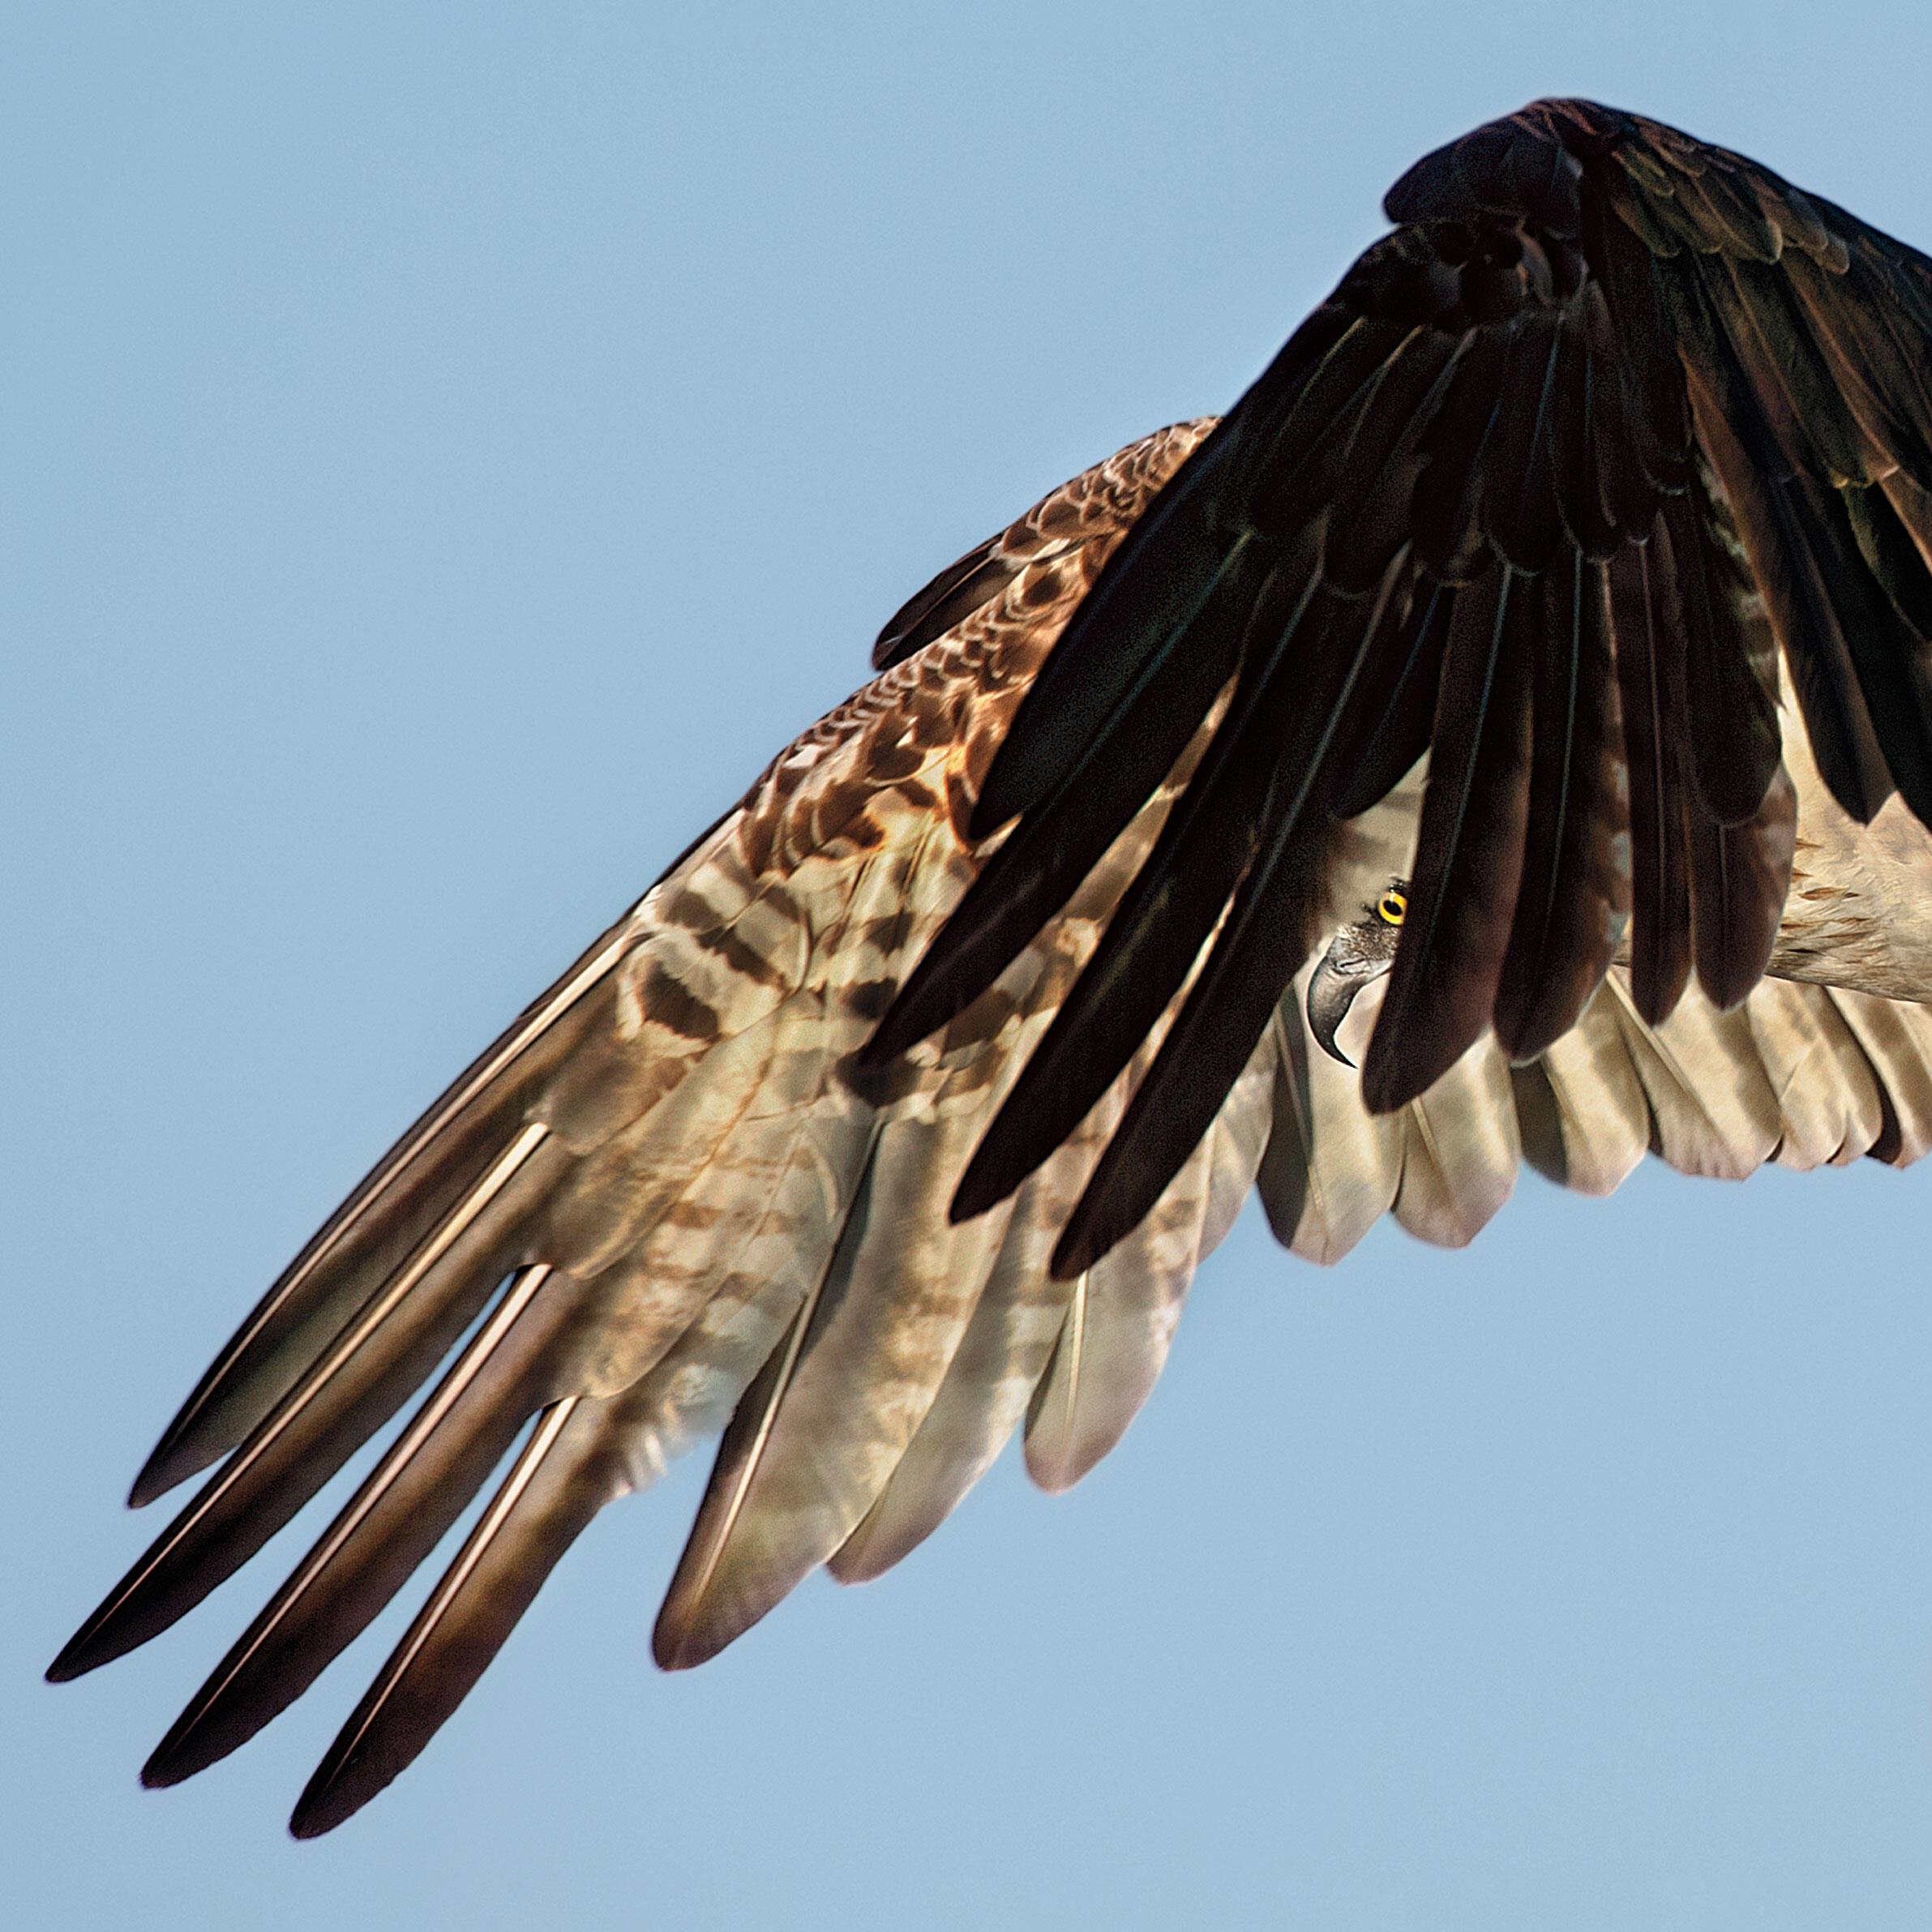 Osprey. Dick Dickinson/Audubon Photography Awards